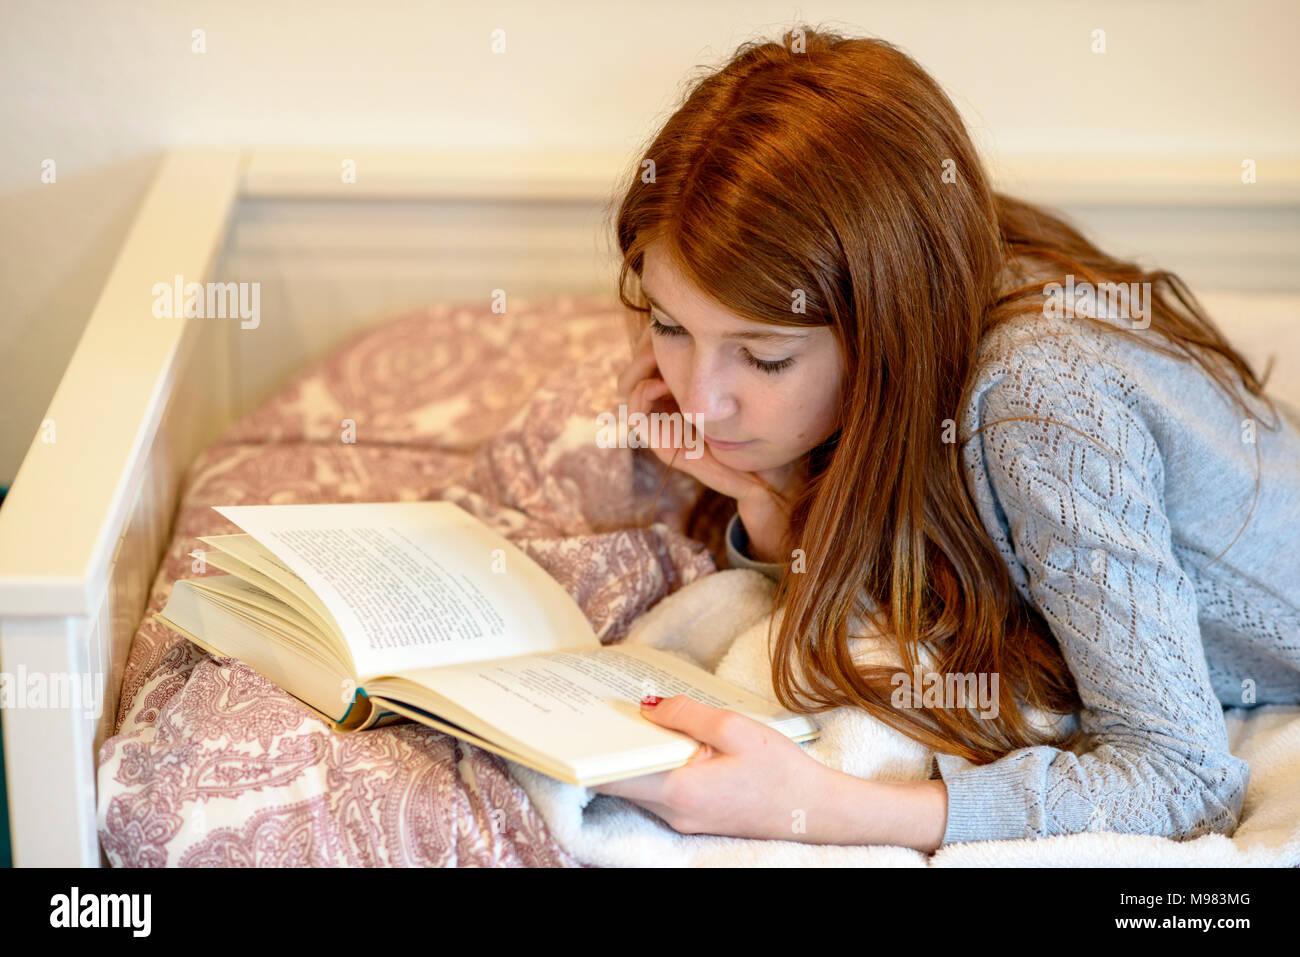 Mädchen beim Lesen, liest im Bett, Bayern, Deutschlaned - Stock Image